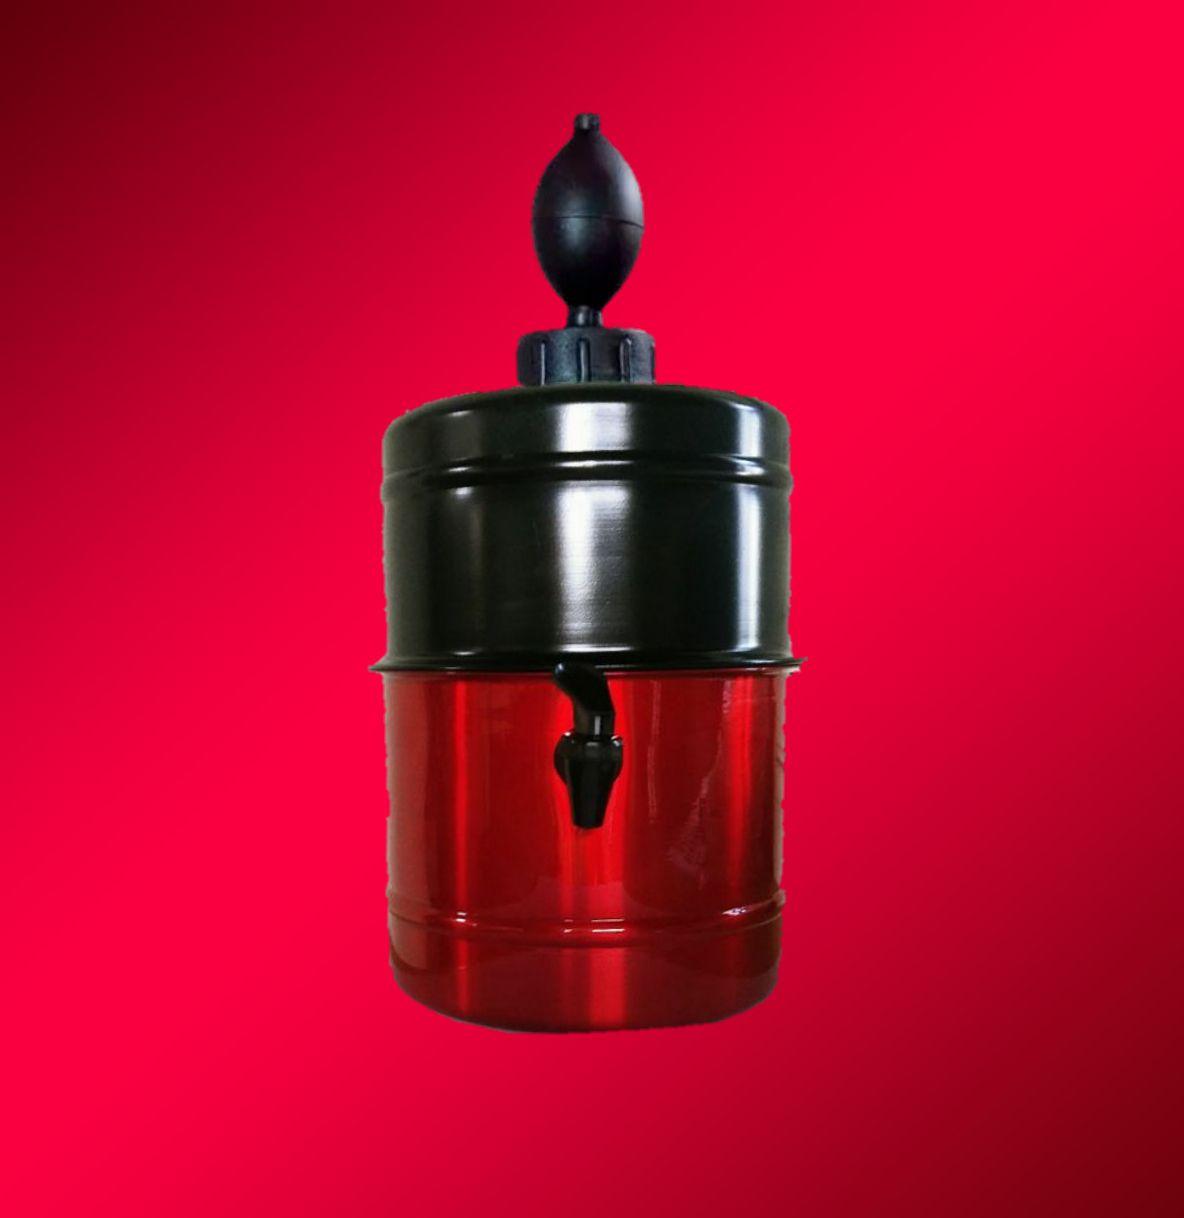 Chopeira  Preta e Vermelha - Personalizada - Portátil 5,1 L